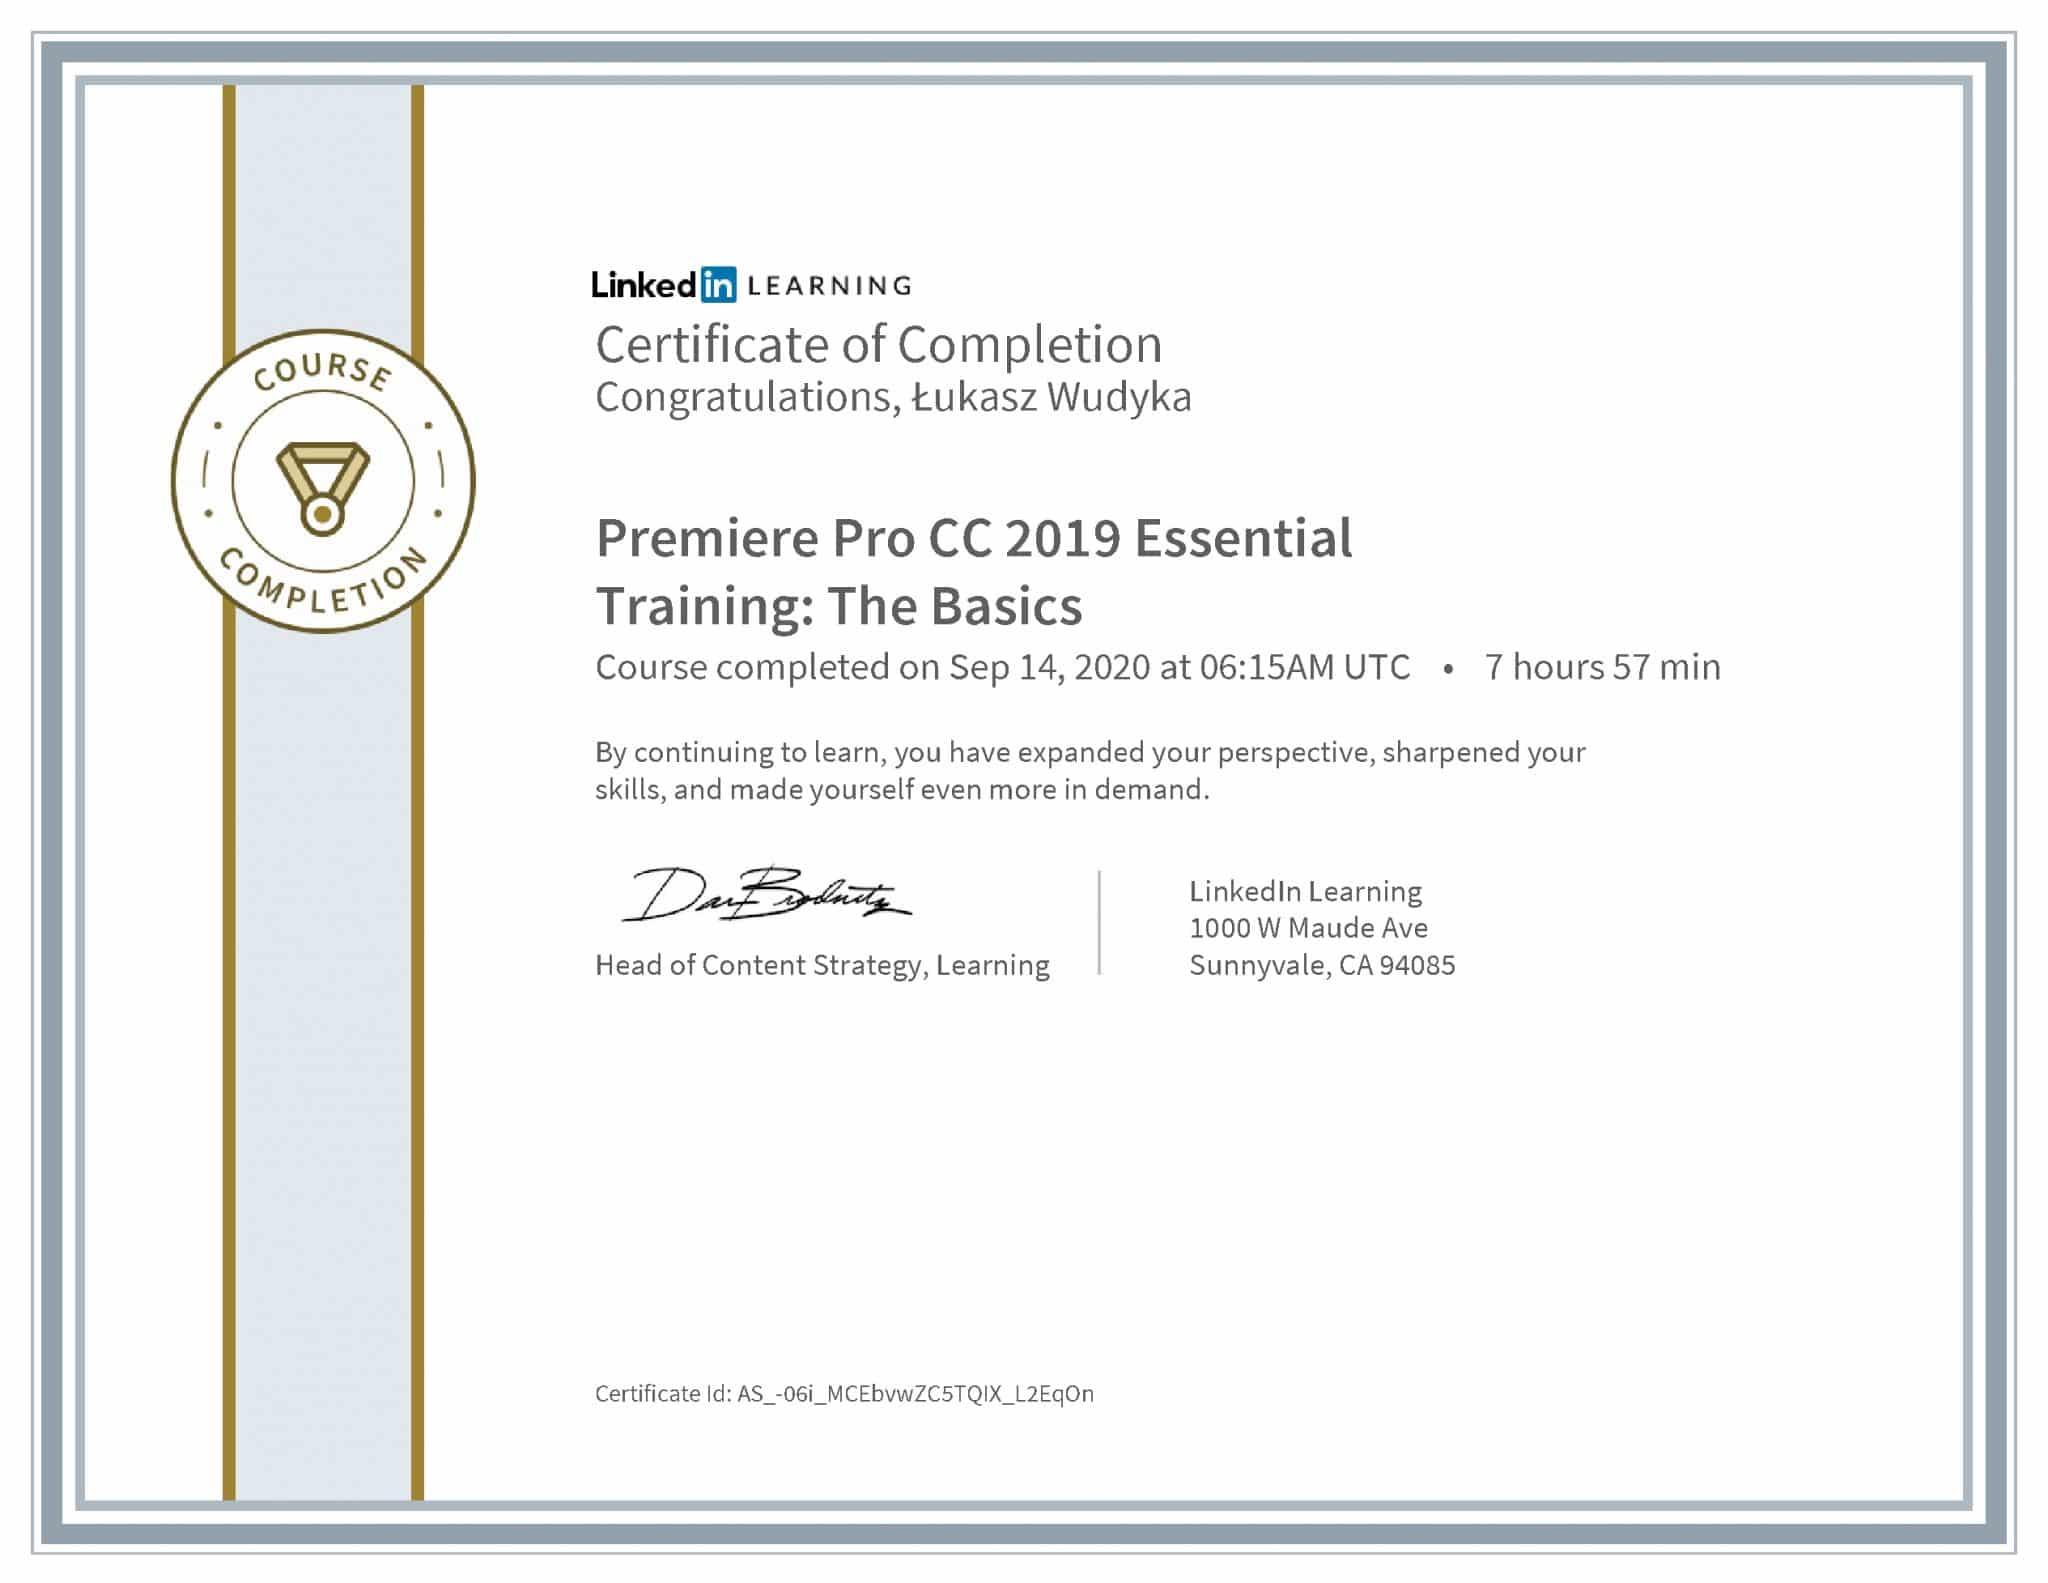 Łukasz Wudyka certyfikat LinkedIn Premiere Pro CC 2019 Essential Training: The Basics